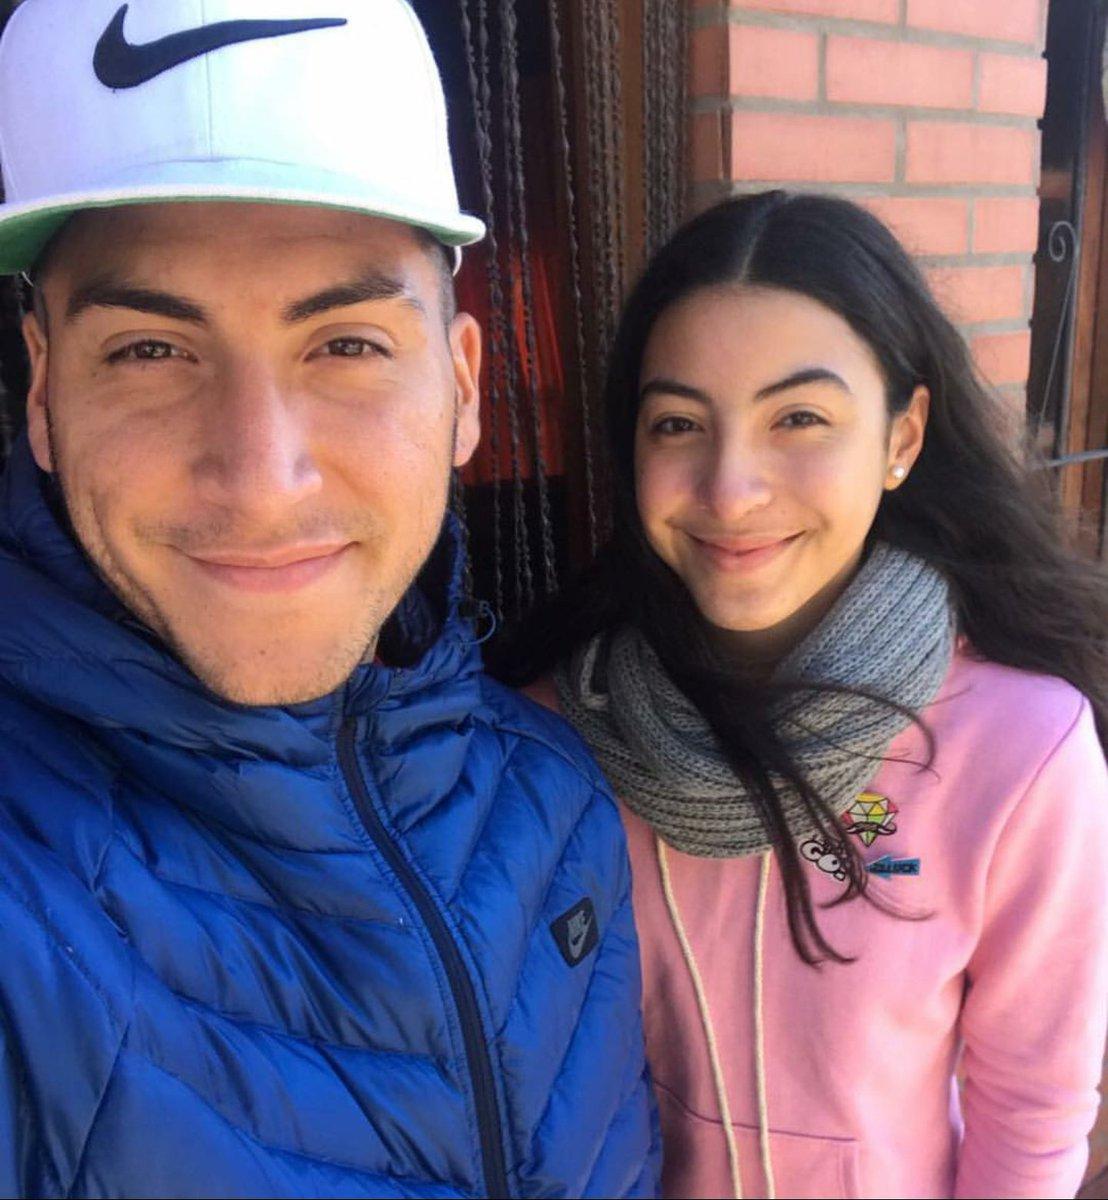 RT @HumoDePrimeraTW: El Chelo Torres y su hermana son la misma persona. La madre debe tener una fotocopiadora. https://t.co/x5qd4O8gSJ